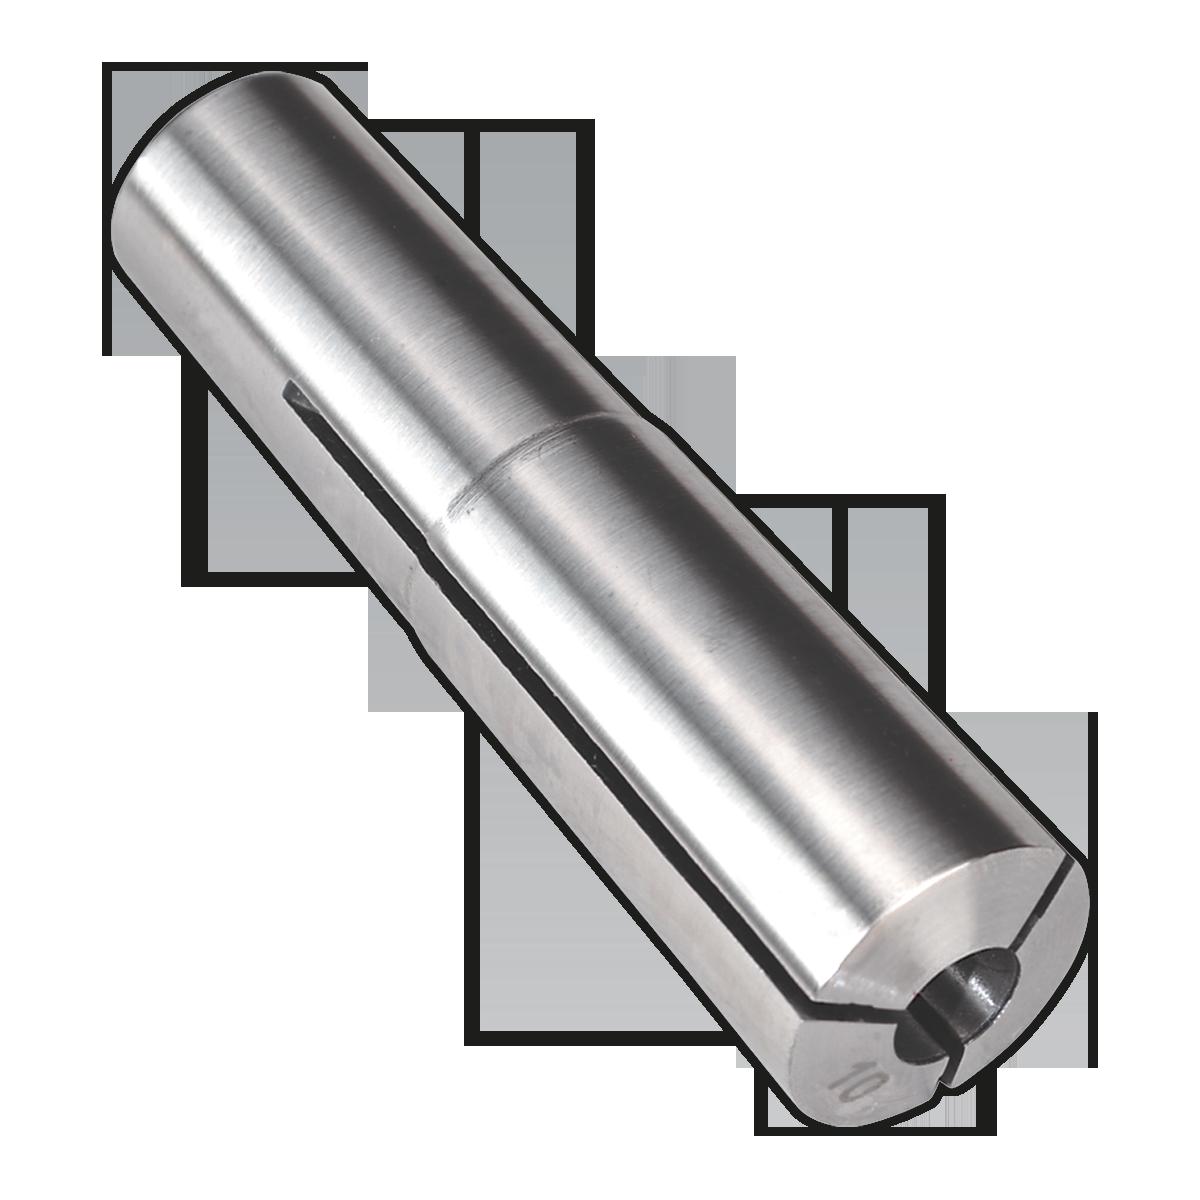 Collet MT3-M12 Ø10mm